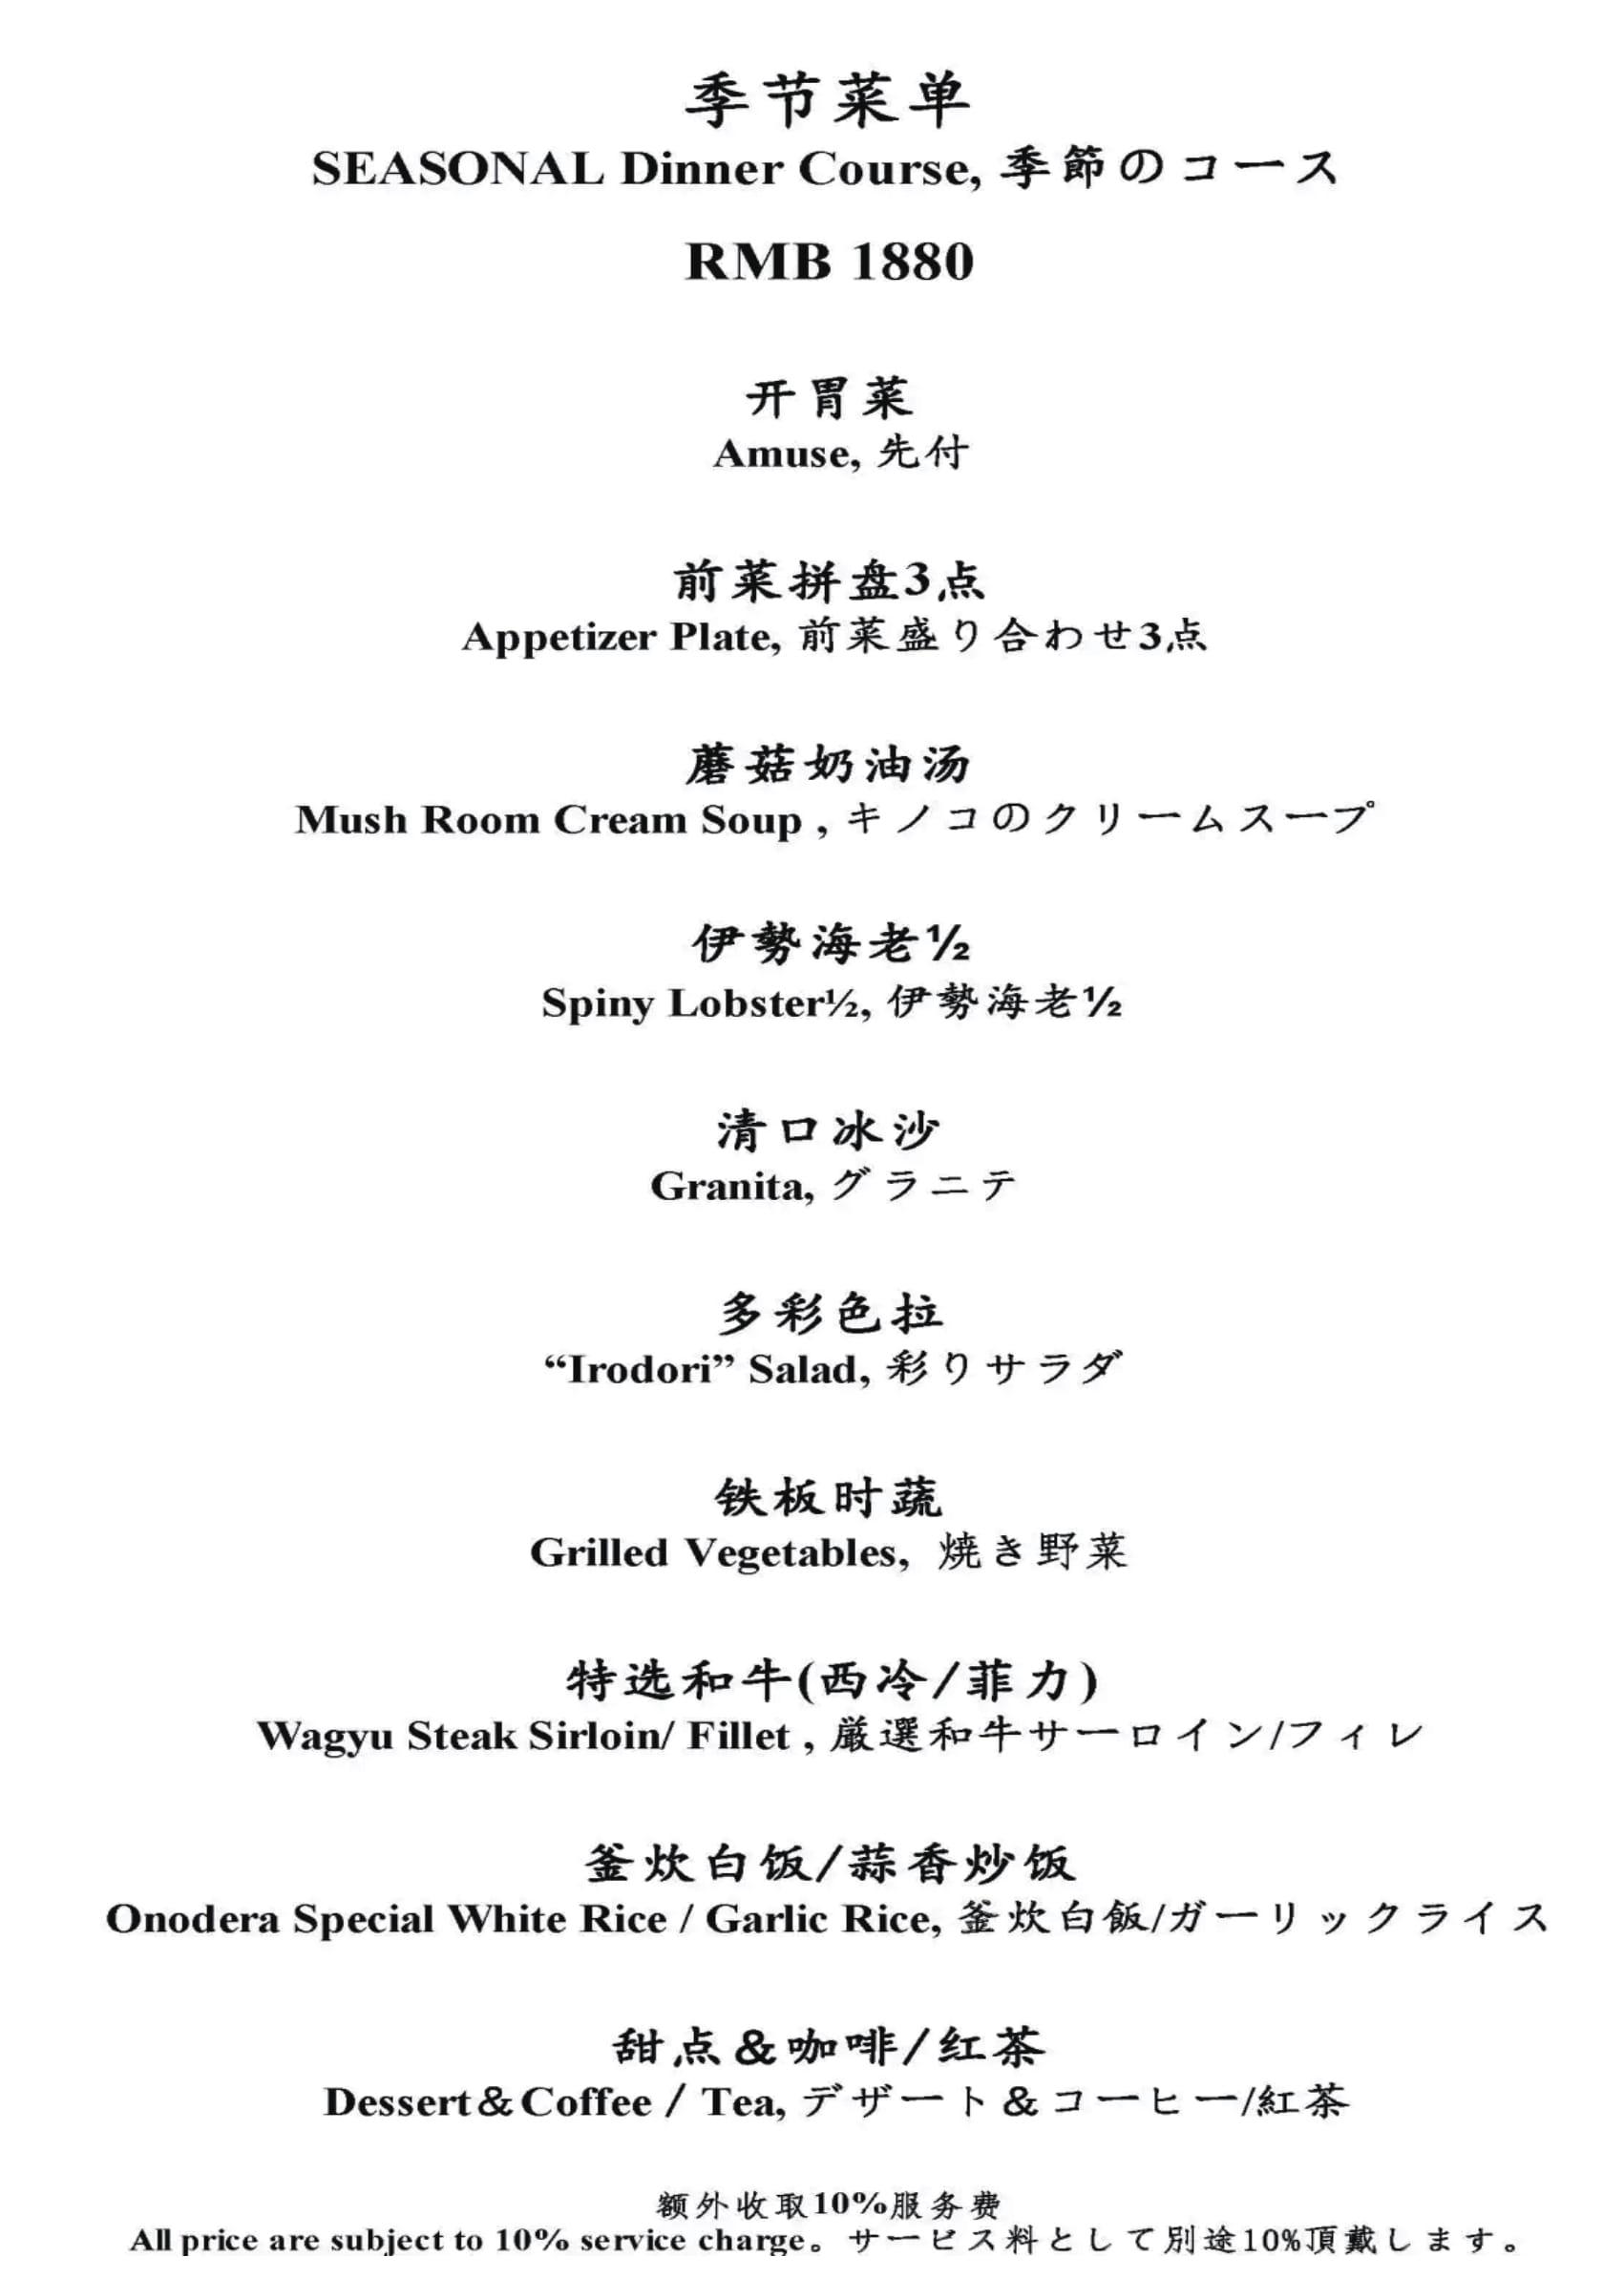 鉄板焼 [上海店] ディナーメニュー6